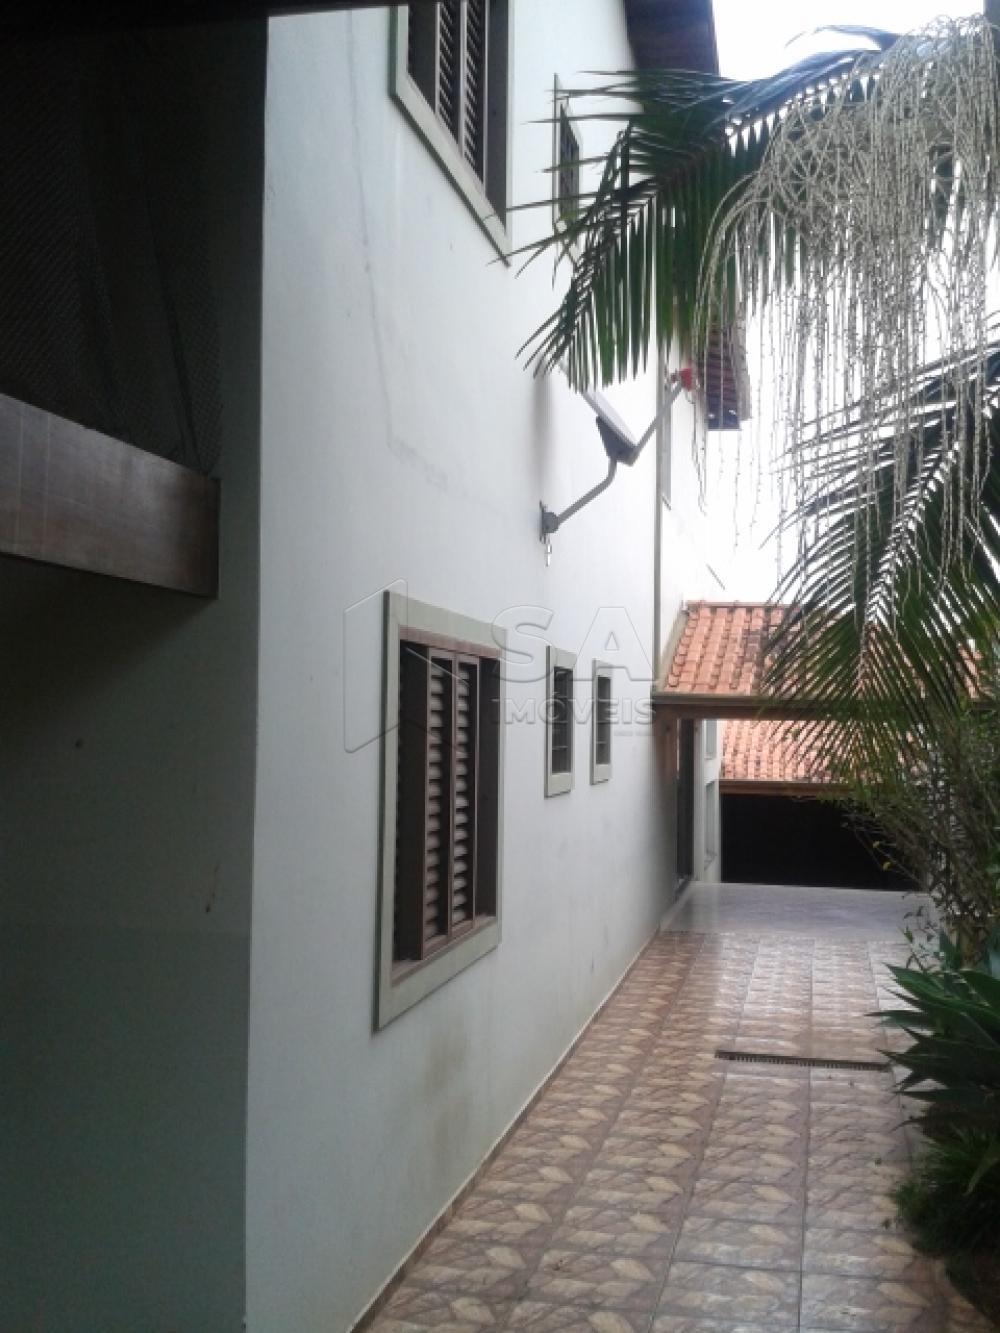 Comprar Casa / Padrão em Botucatu apenas R$ 510.000,00 - Foto 2